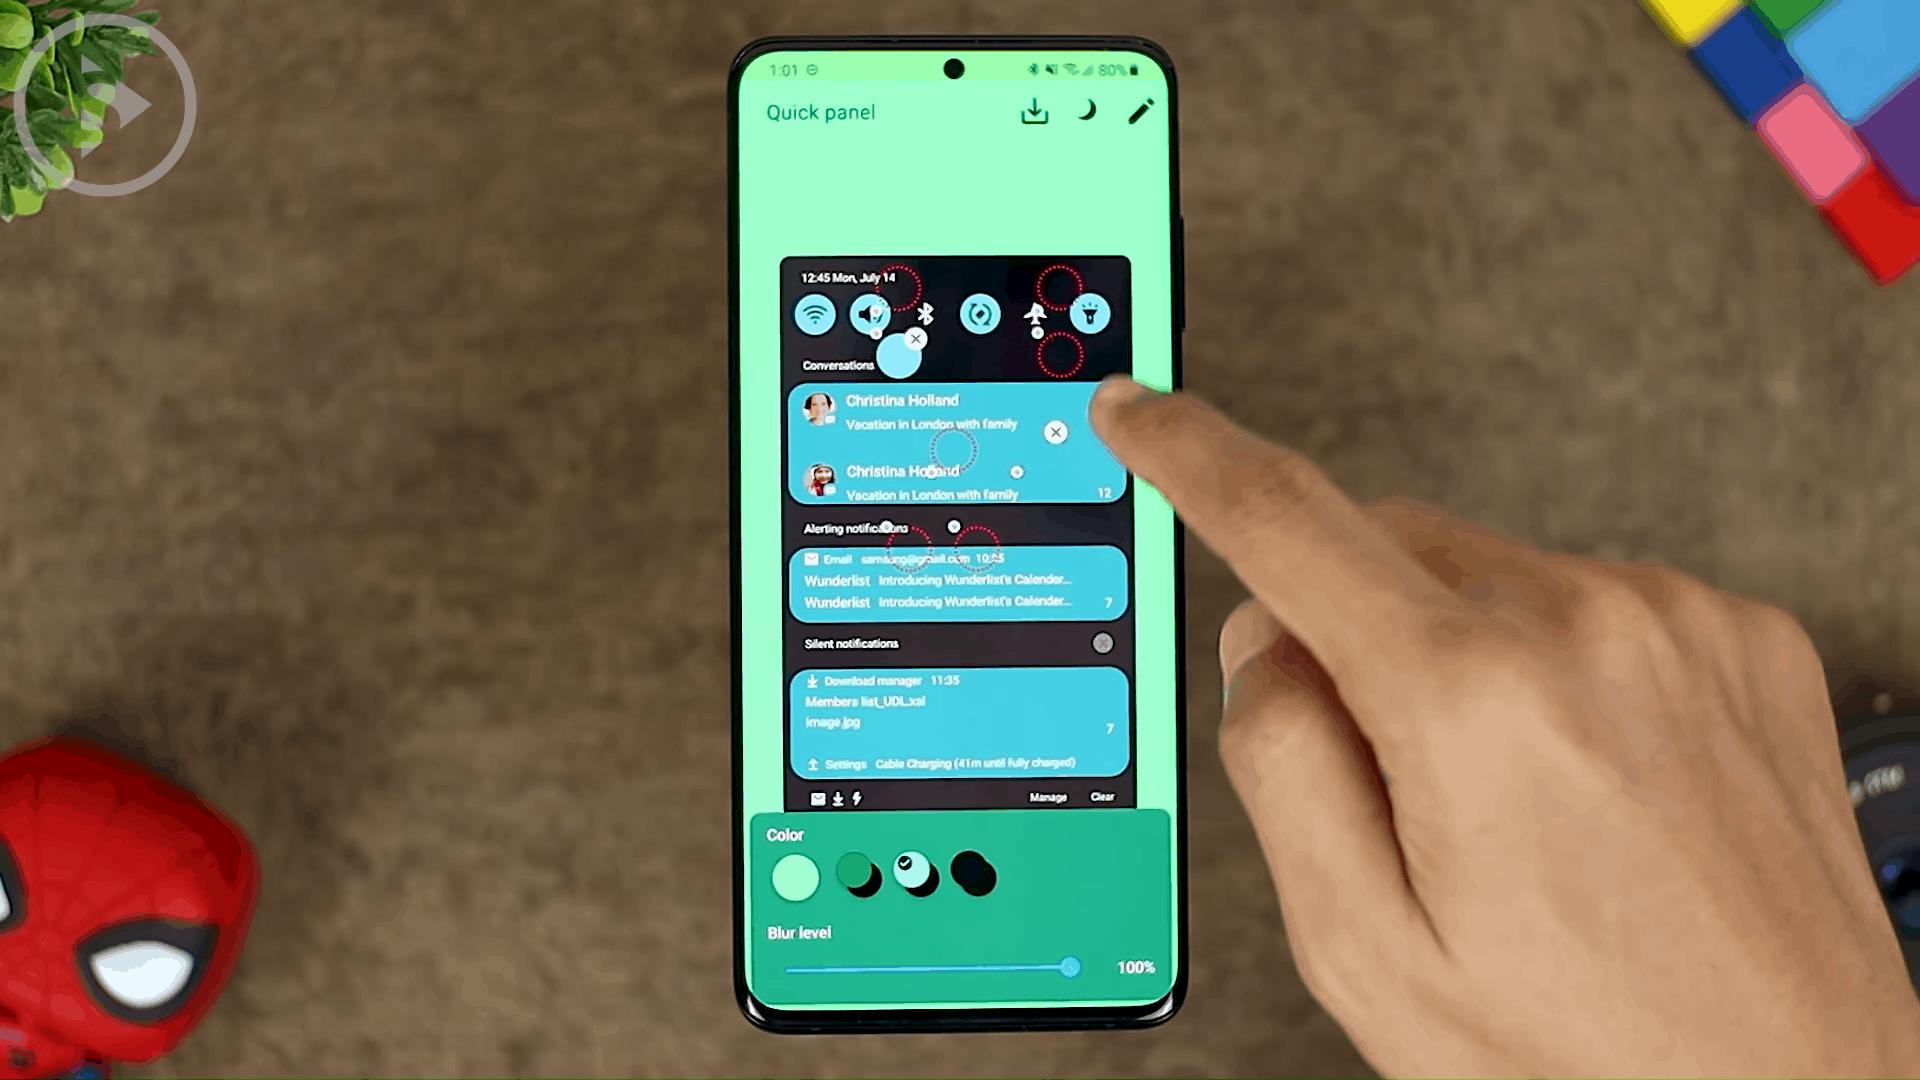 GoodLock App - Tips Lengkap Cara Install GoodLock Terbaru 2021